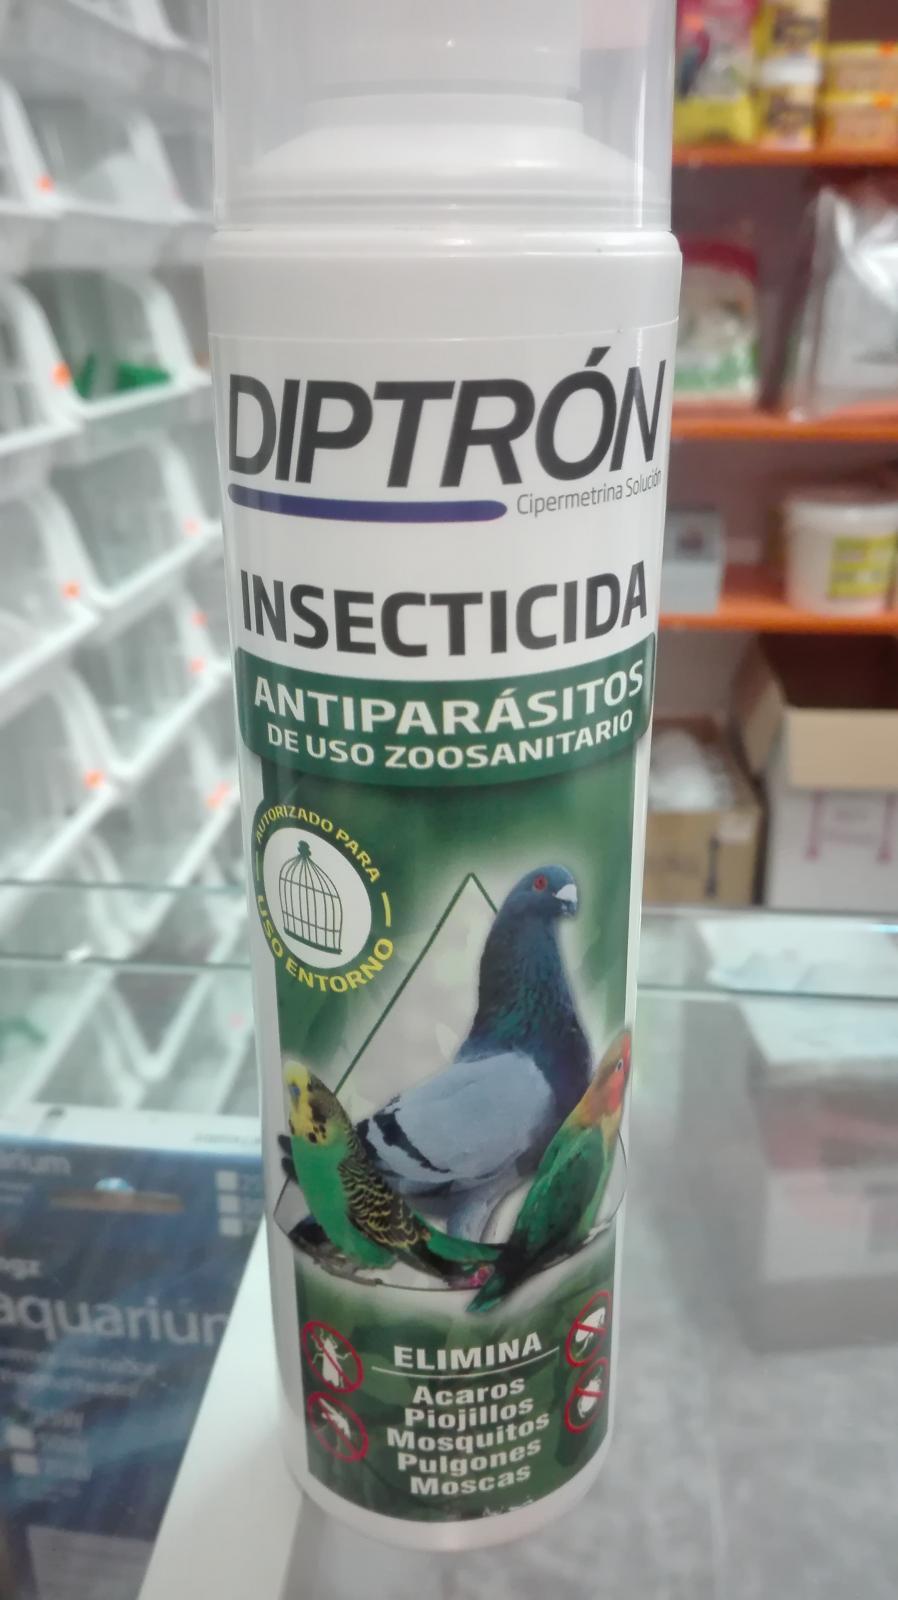 Diptron insecticida antiparásitos 250ML